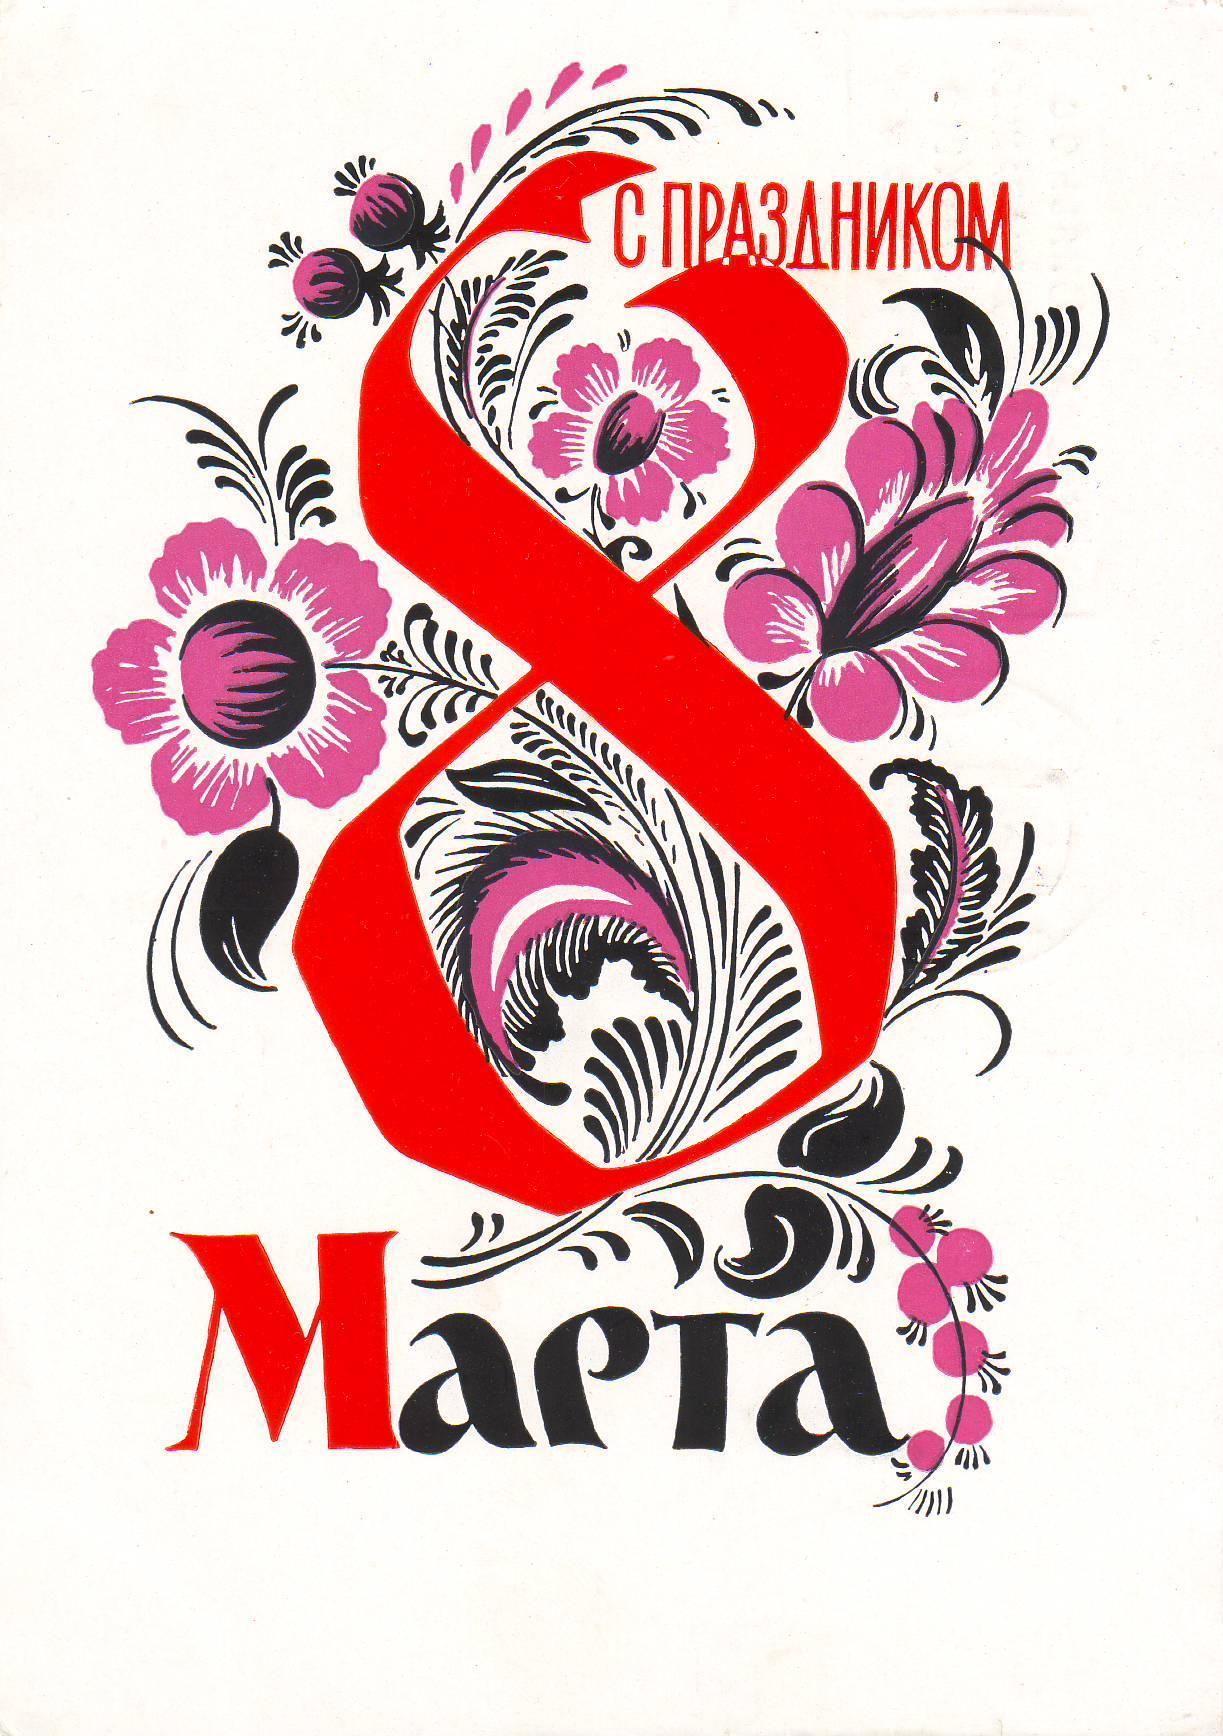 Современные открытки в 8 марта, открыток фотошопа открытки